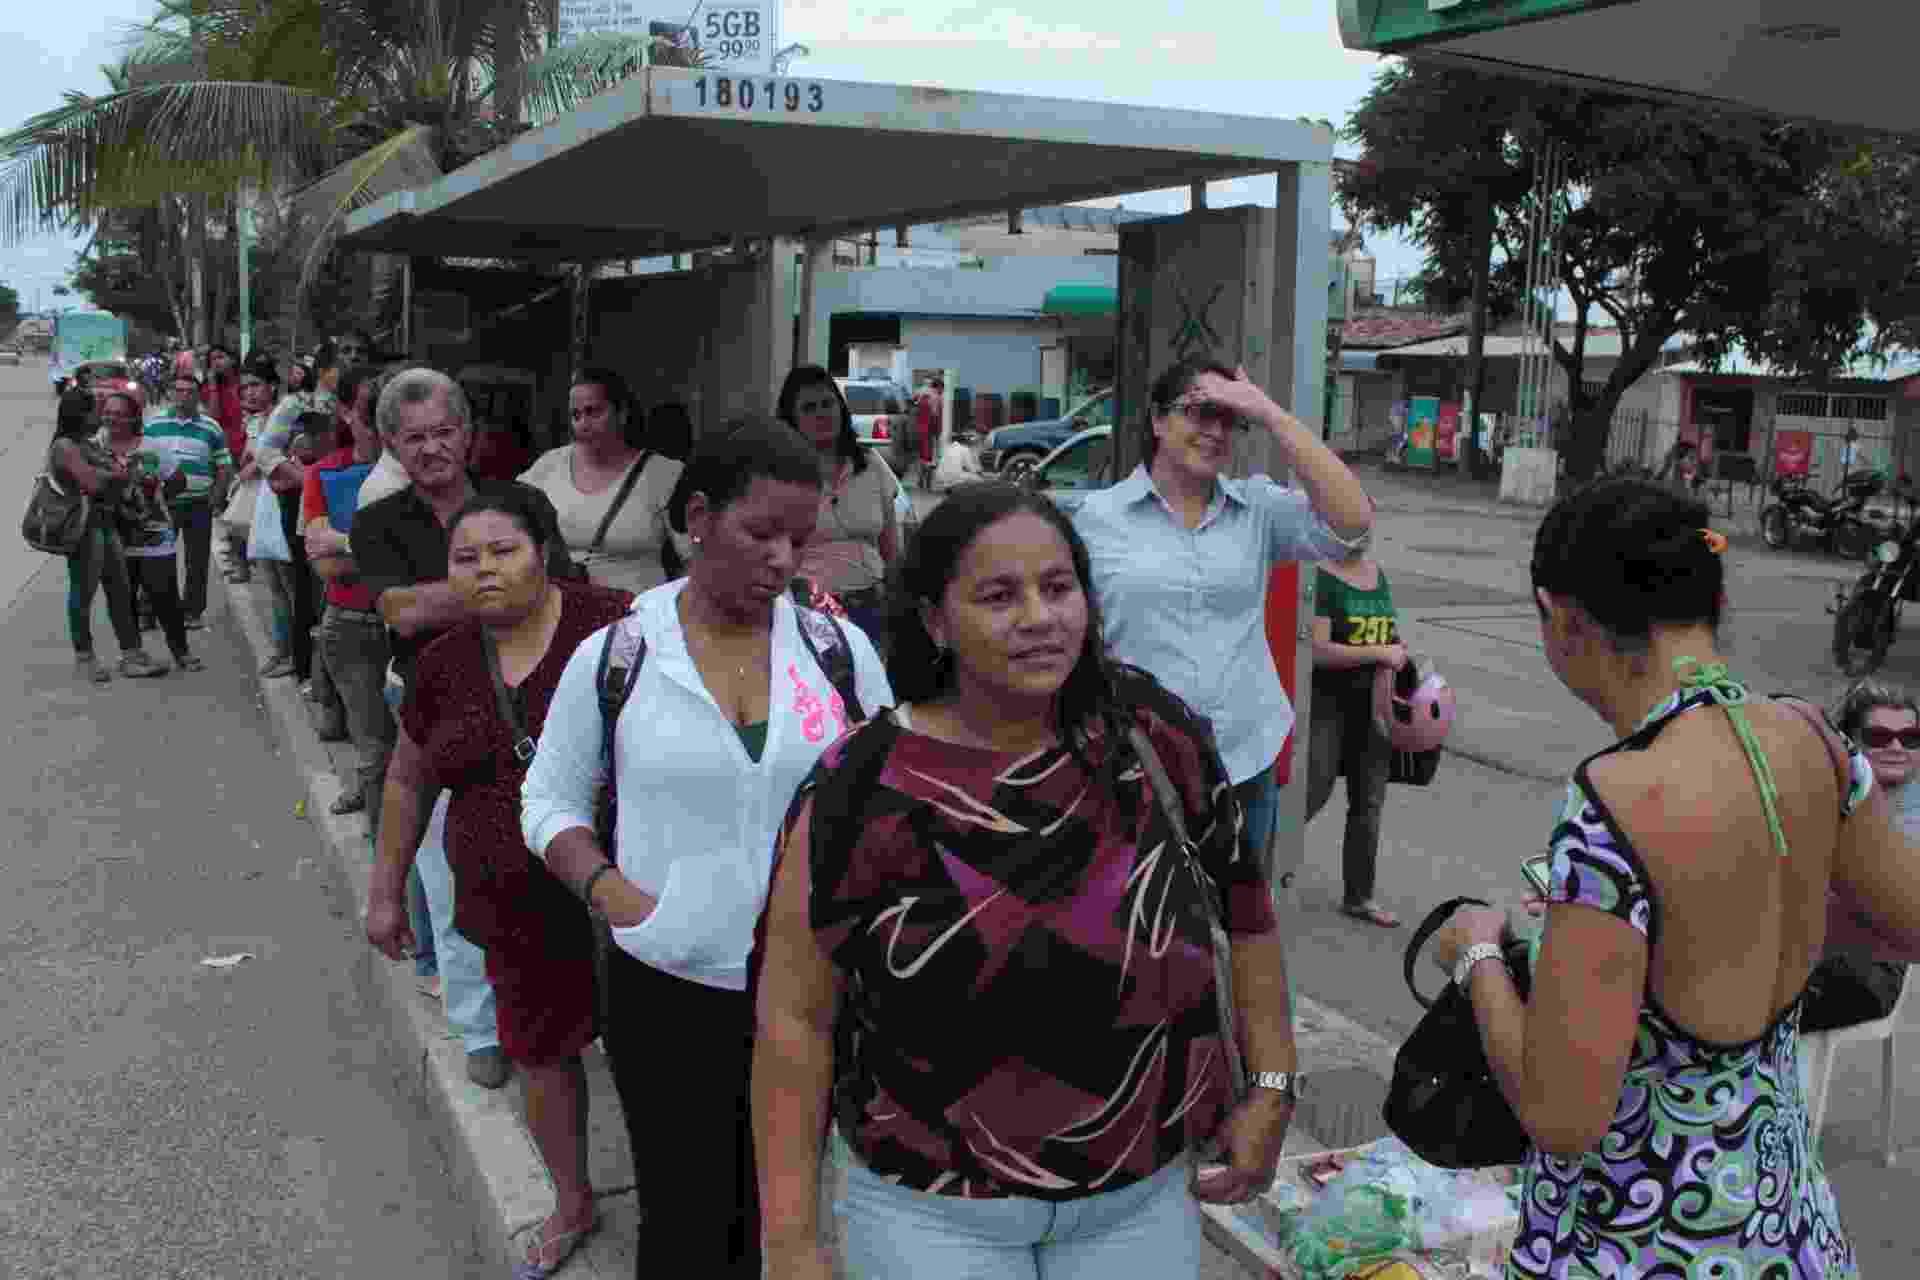 28.ago.2013 - Pontos de ônibus ficam lotados no Recife depois que apagão atingiu toda a região Nordeste e comprometeu o funcionamento dos semáforos, complicando o trânsito na tarde desta quarta-feira (28) - Luiz Fabiano/Futura Press